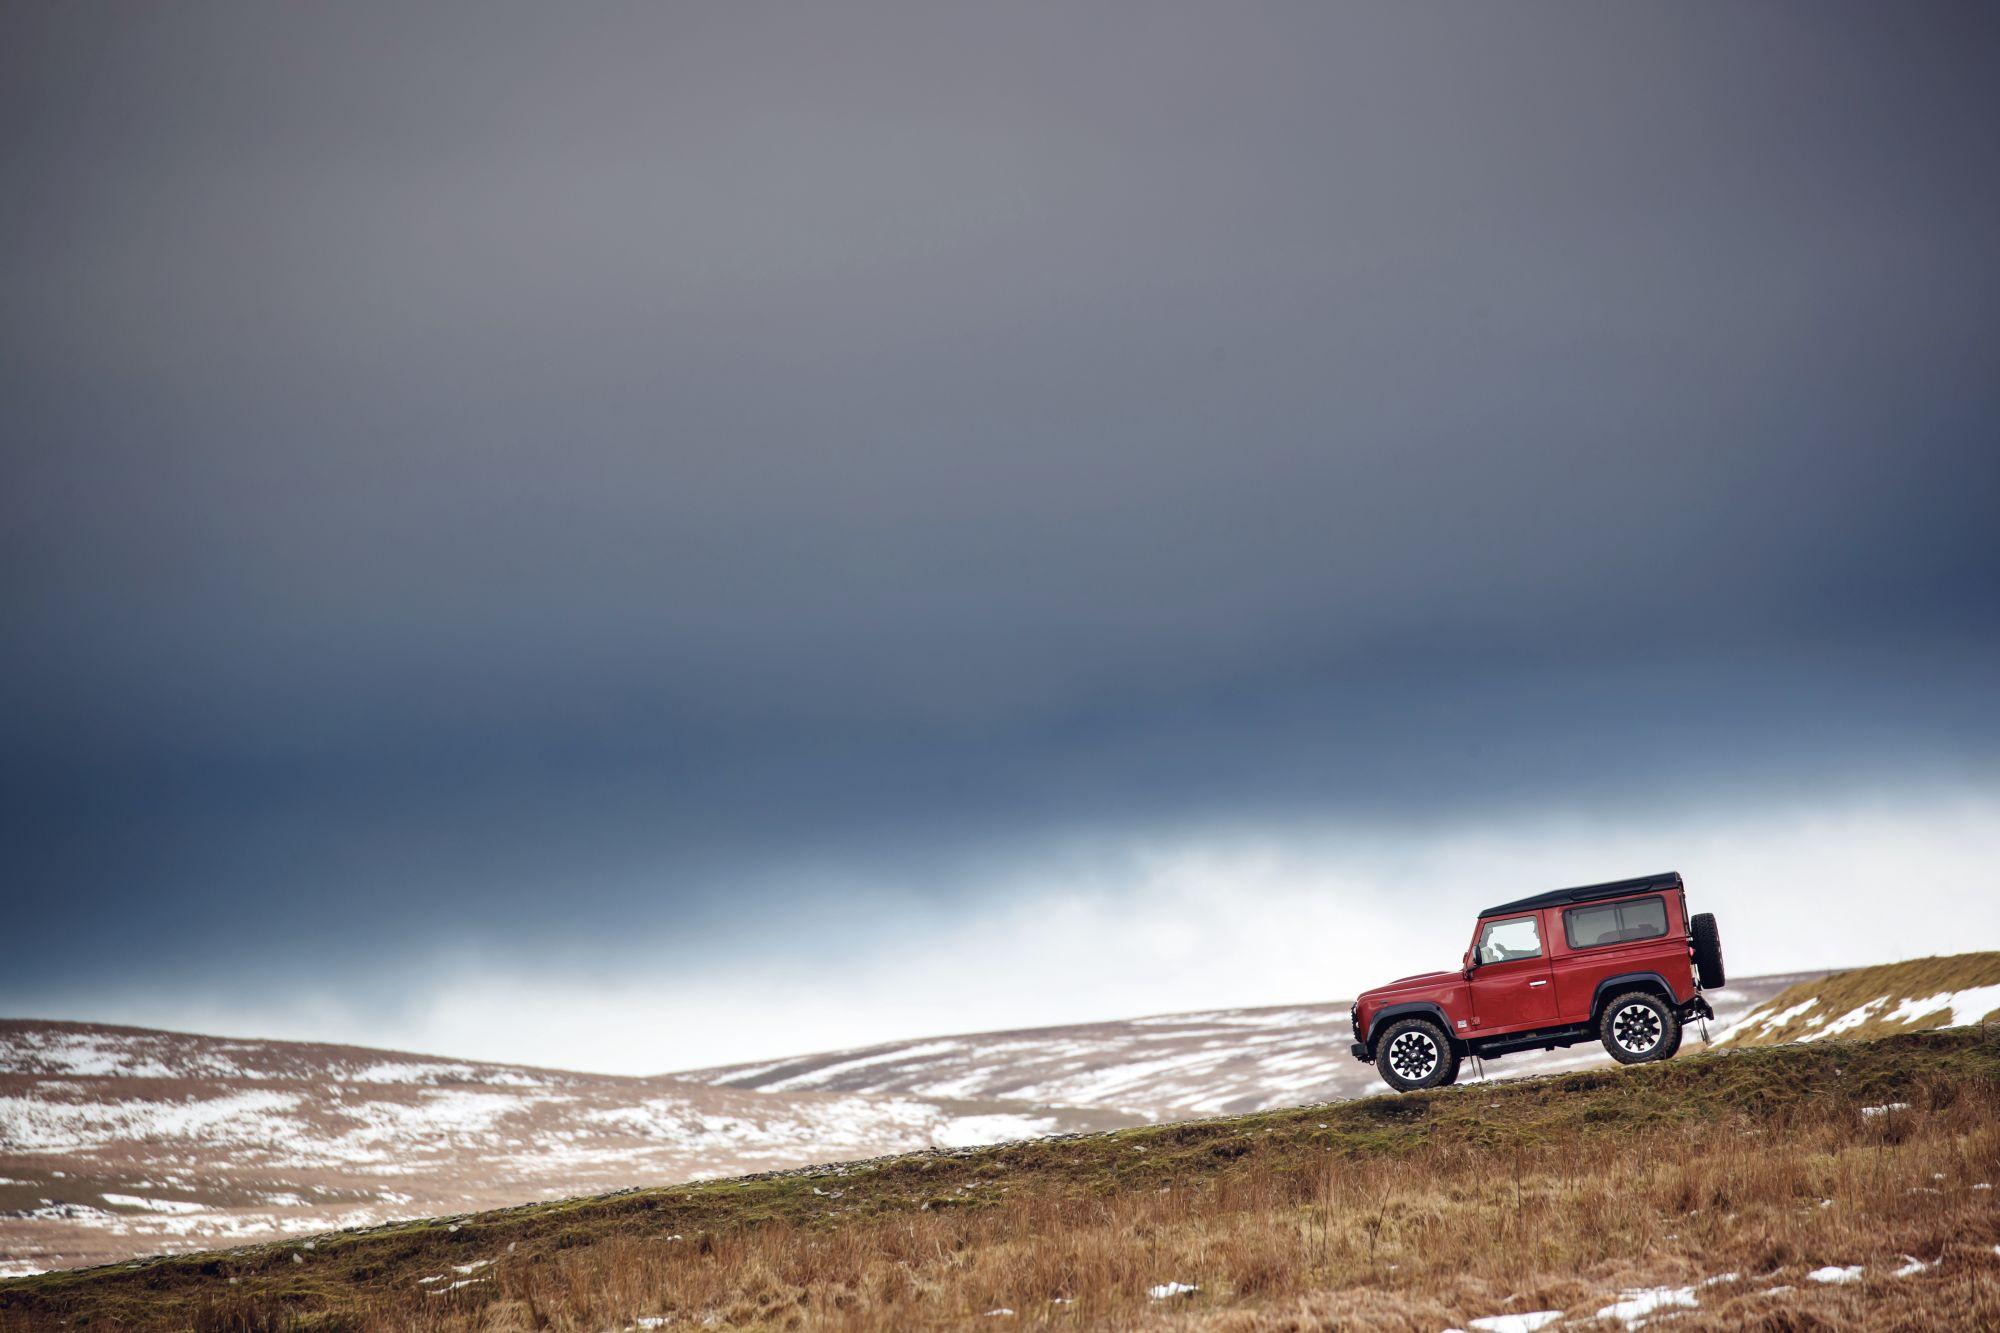 Land Rover_Defender_Works V8_18